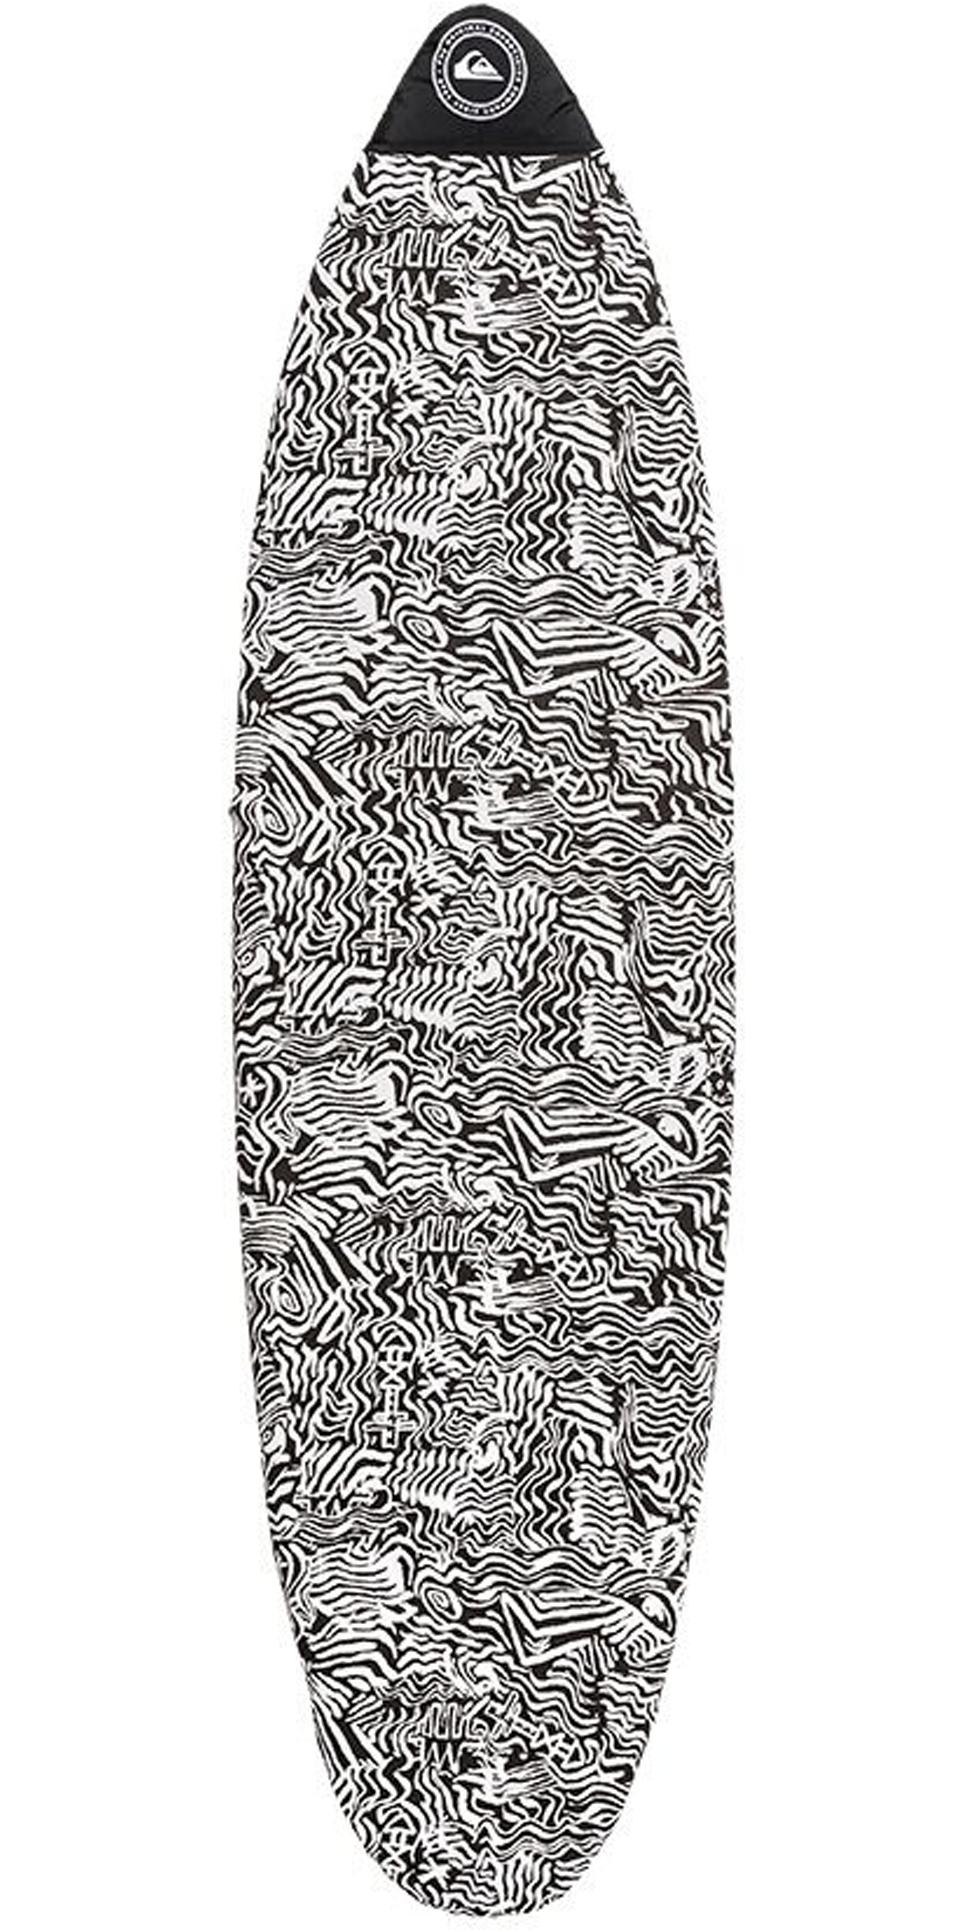 2019 Quiksilver Euroglass Funboard Surfboard Sock 6'7